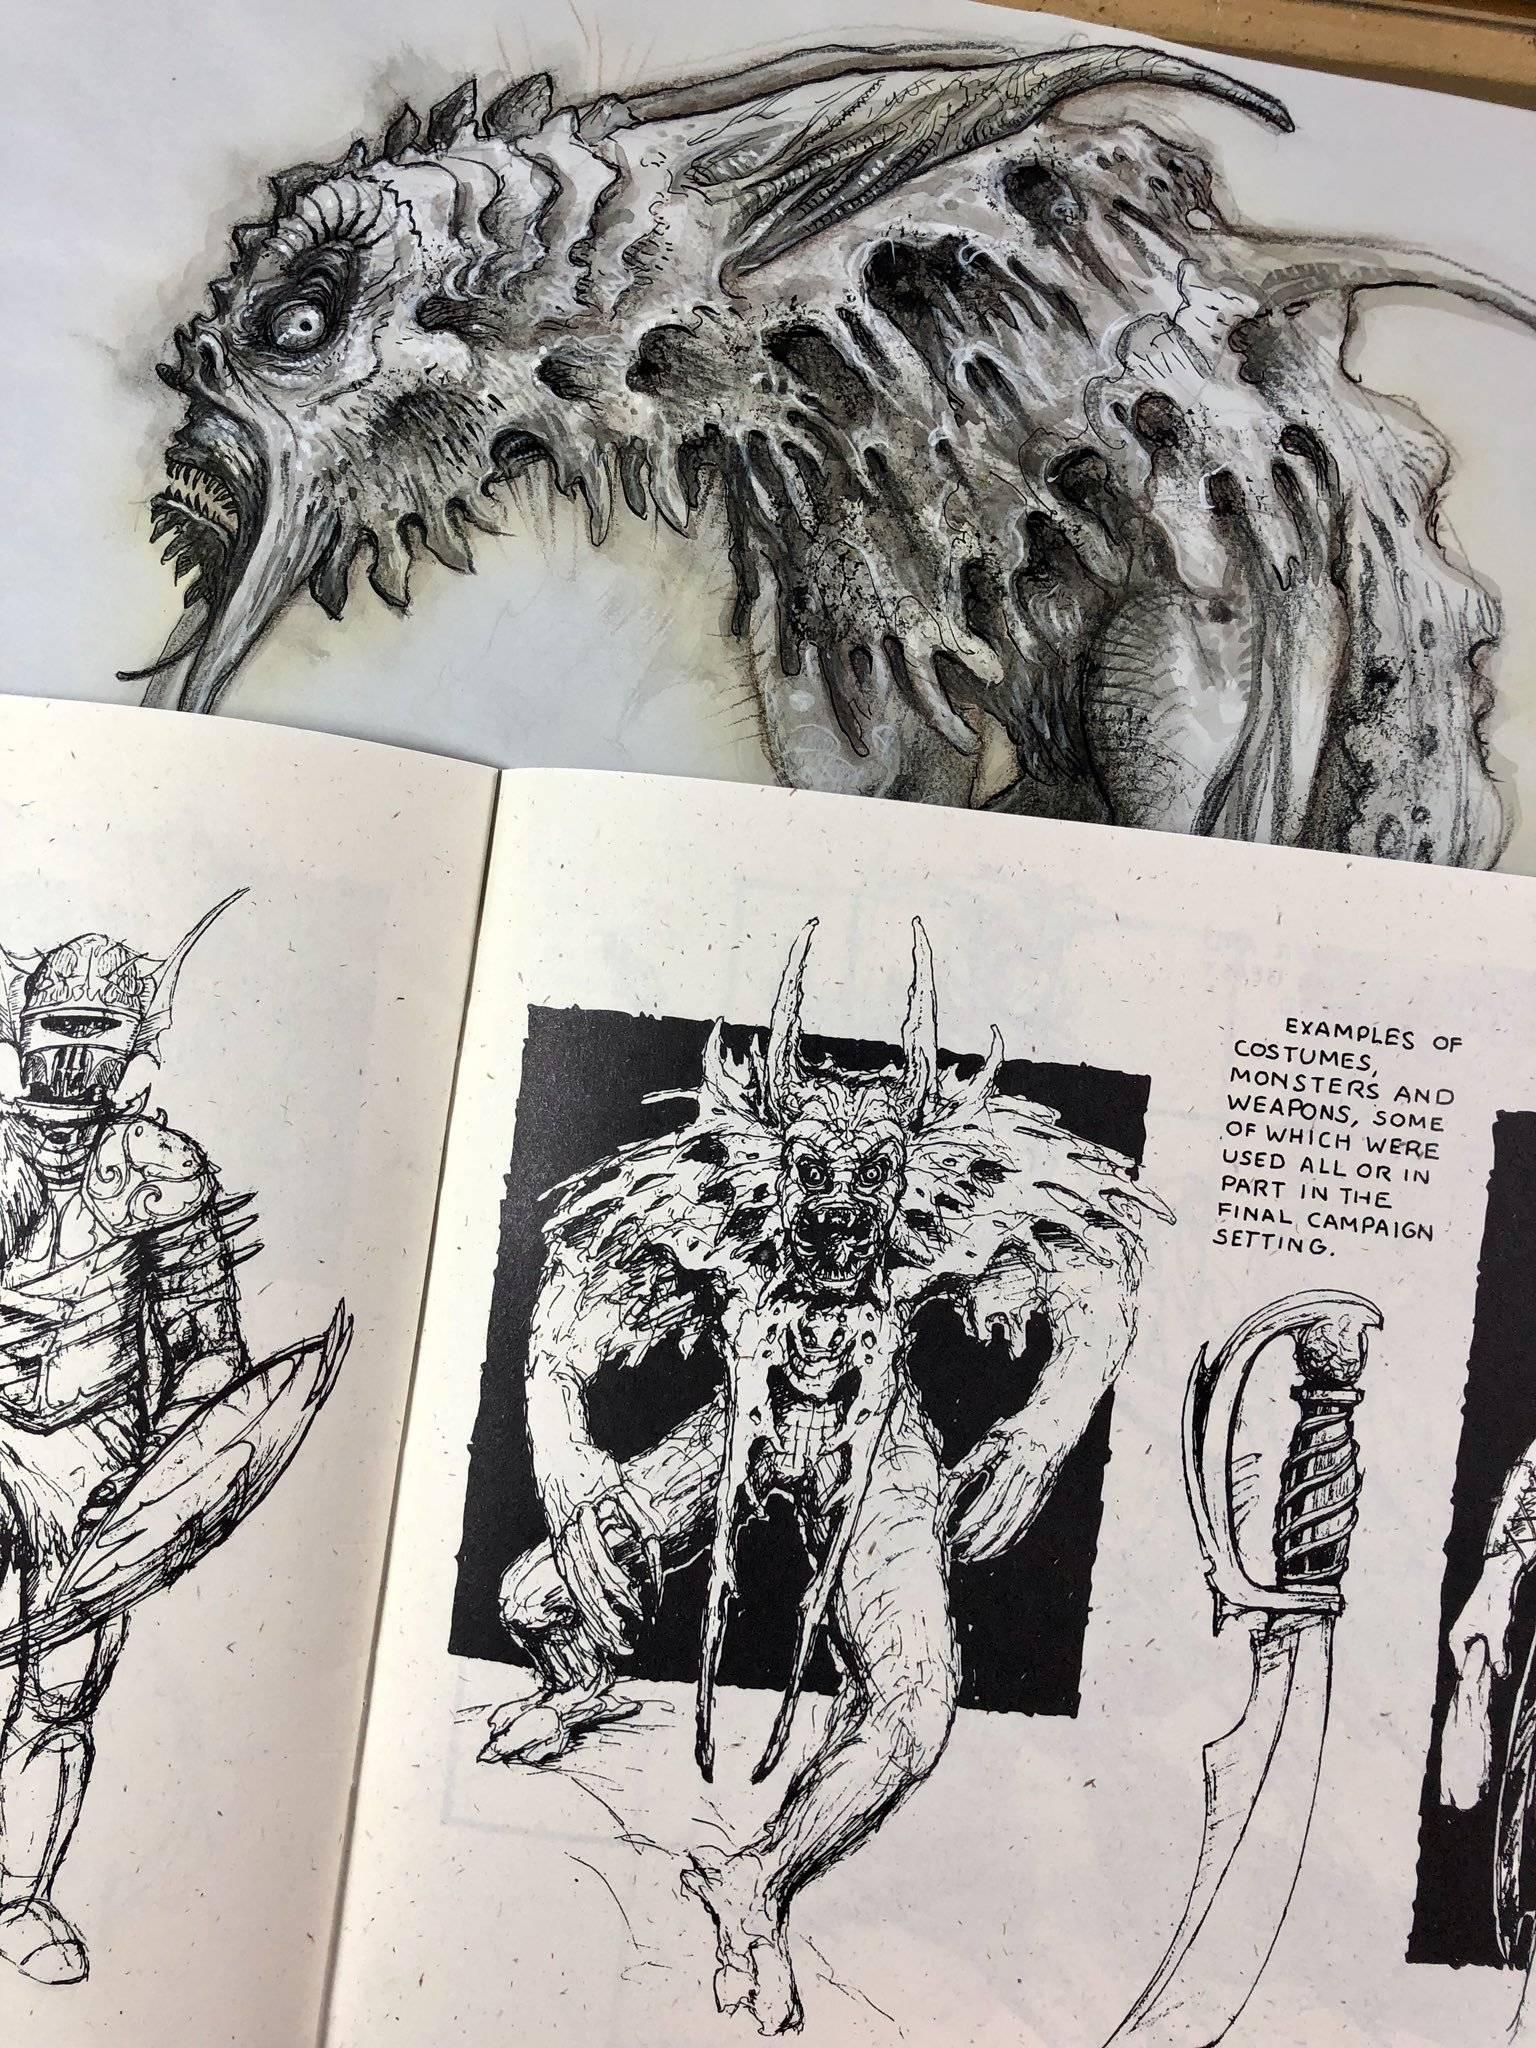 Арт: художник Planescape опубликовал ранние скетчи к 25-летию вселенной 15